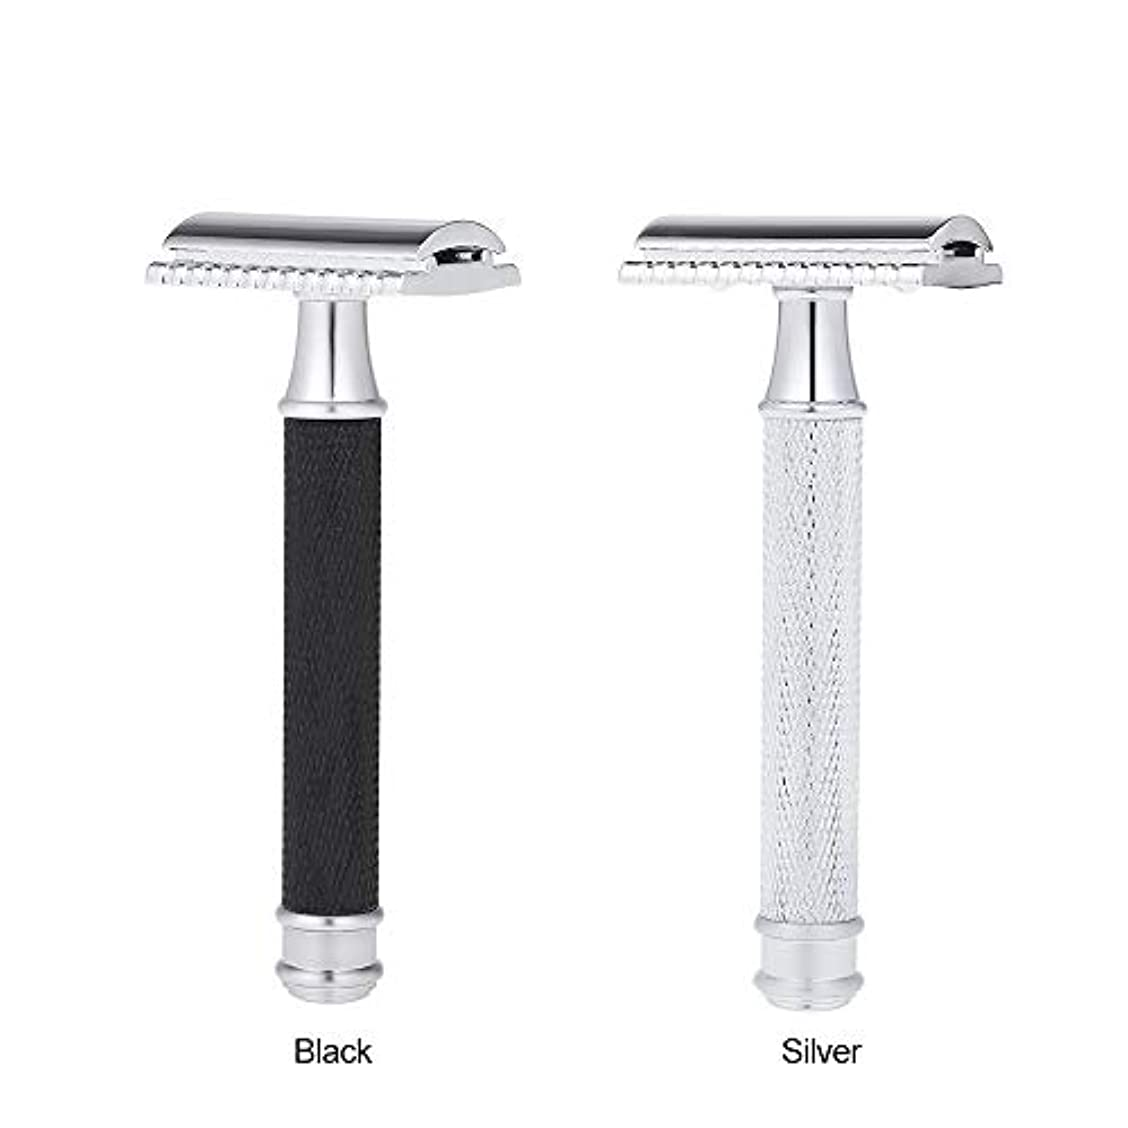 ただやるブルウォルターカニンガムDouble Edge Classic Safety Razors Double Edge Handled Shaving Razor Stainless Steel Manual Traditional Razor (...